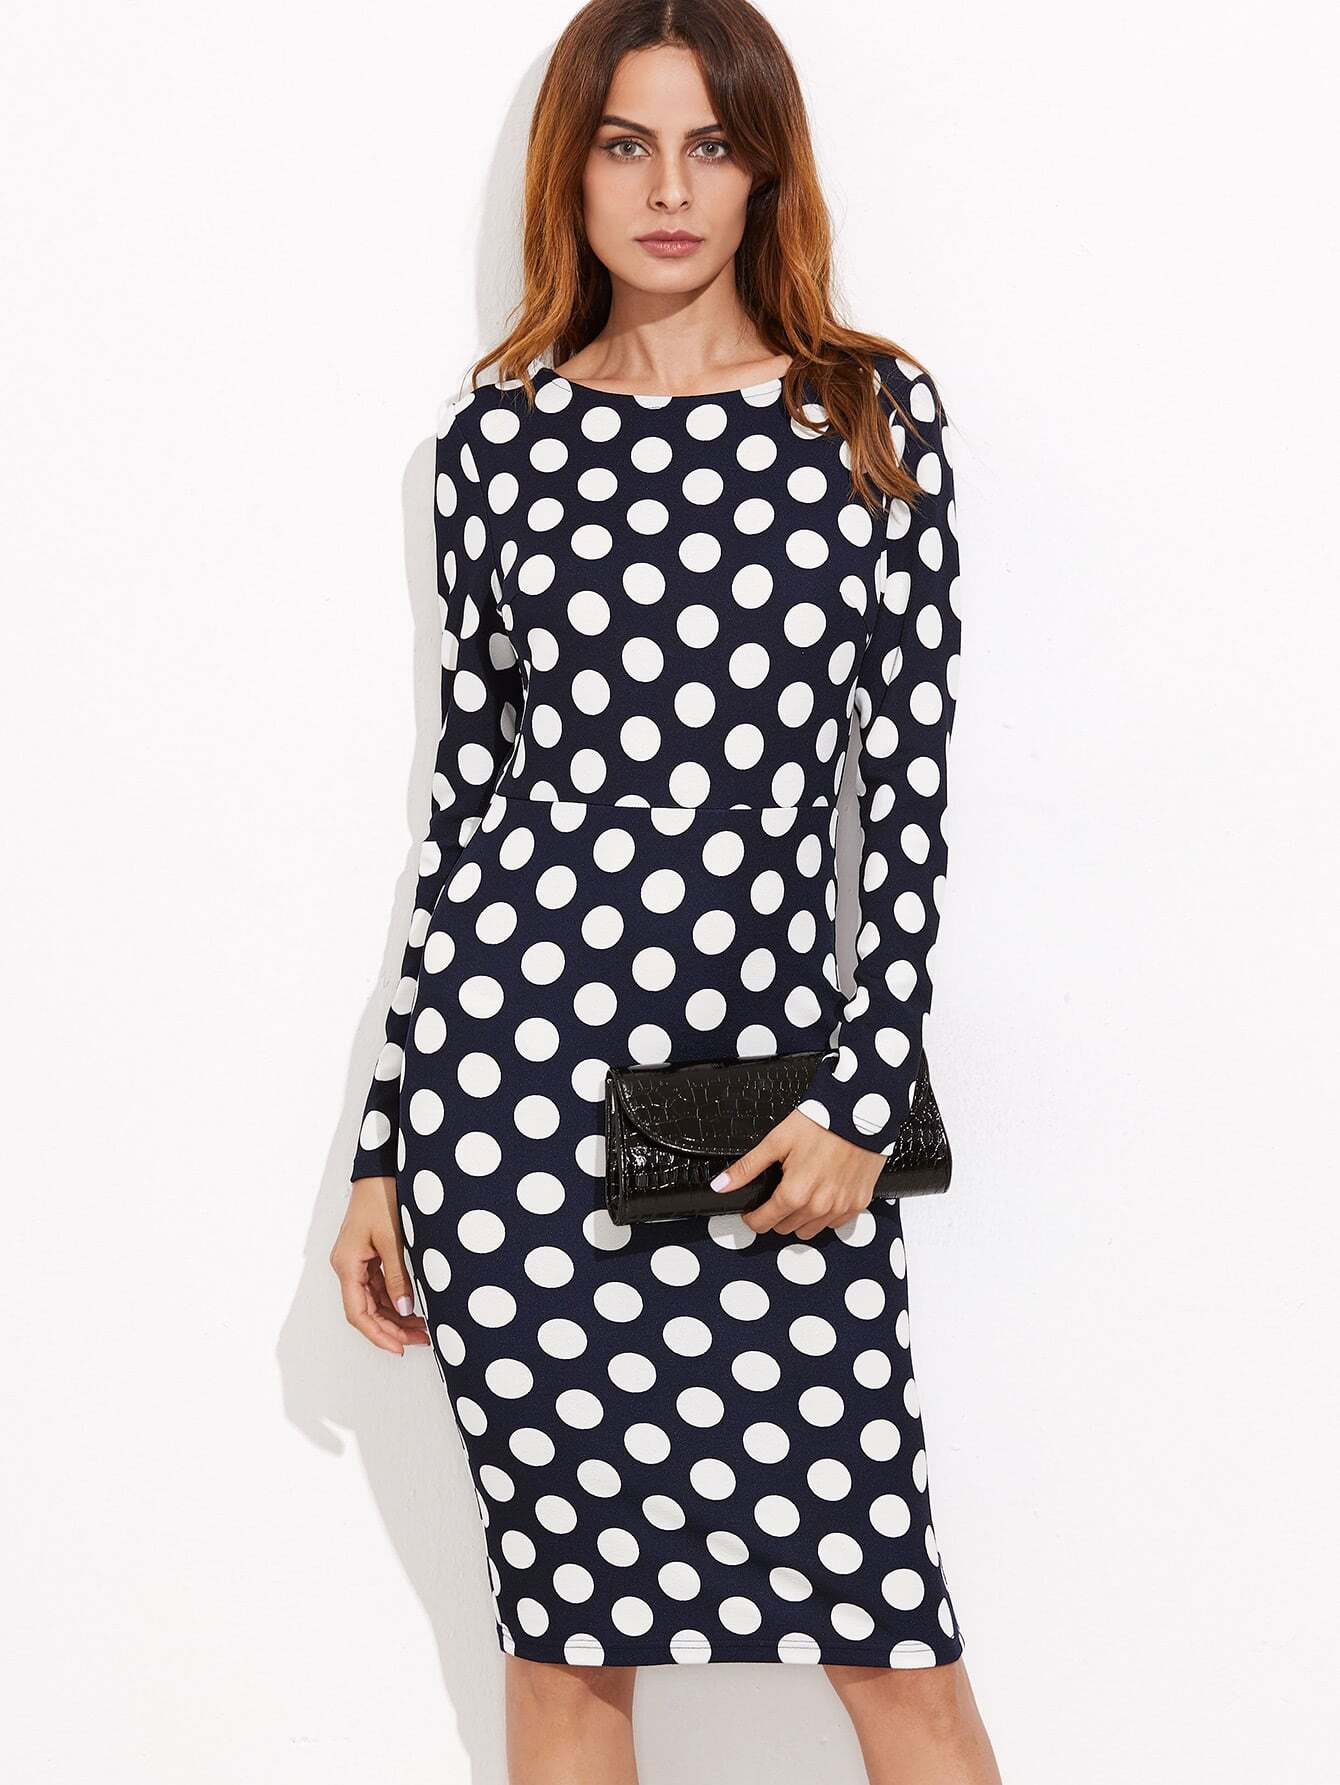 dress161018703_2